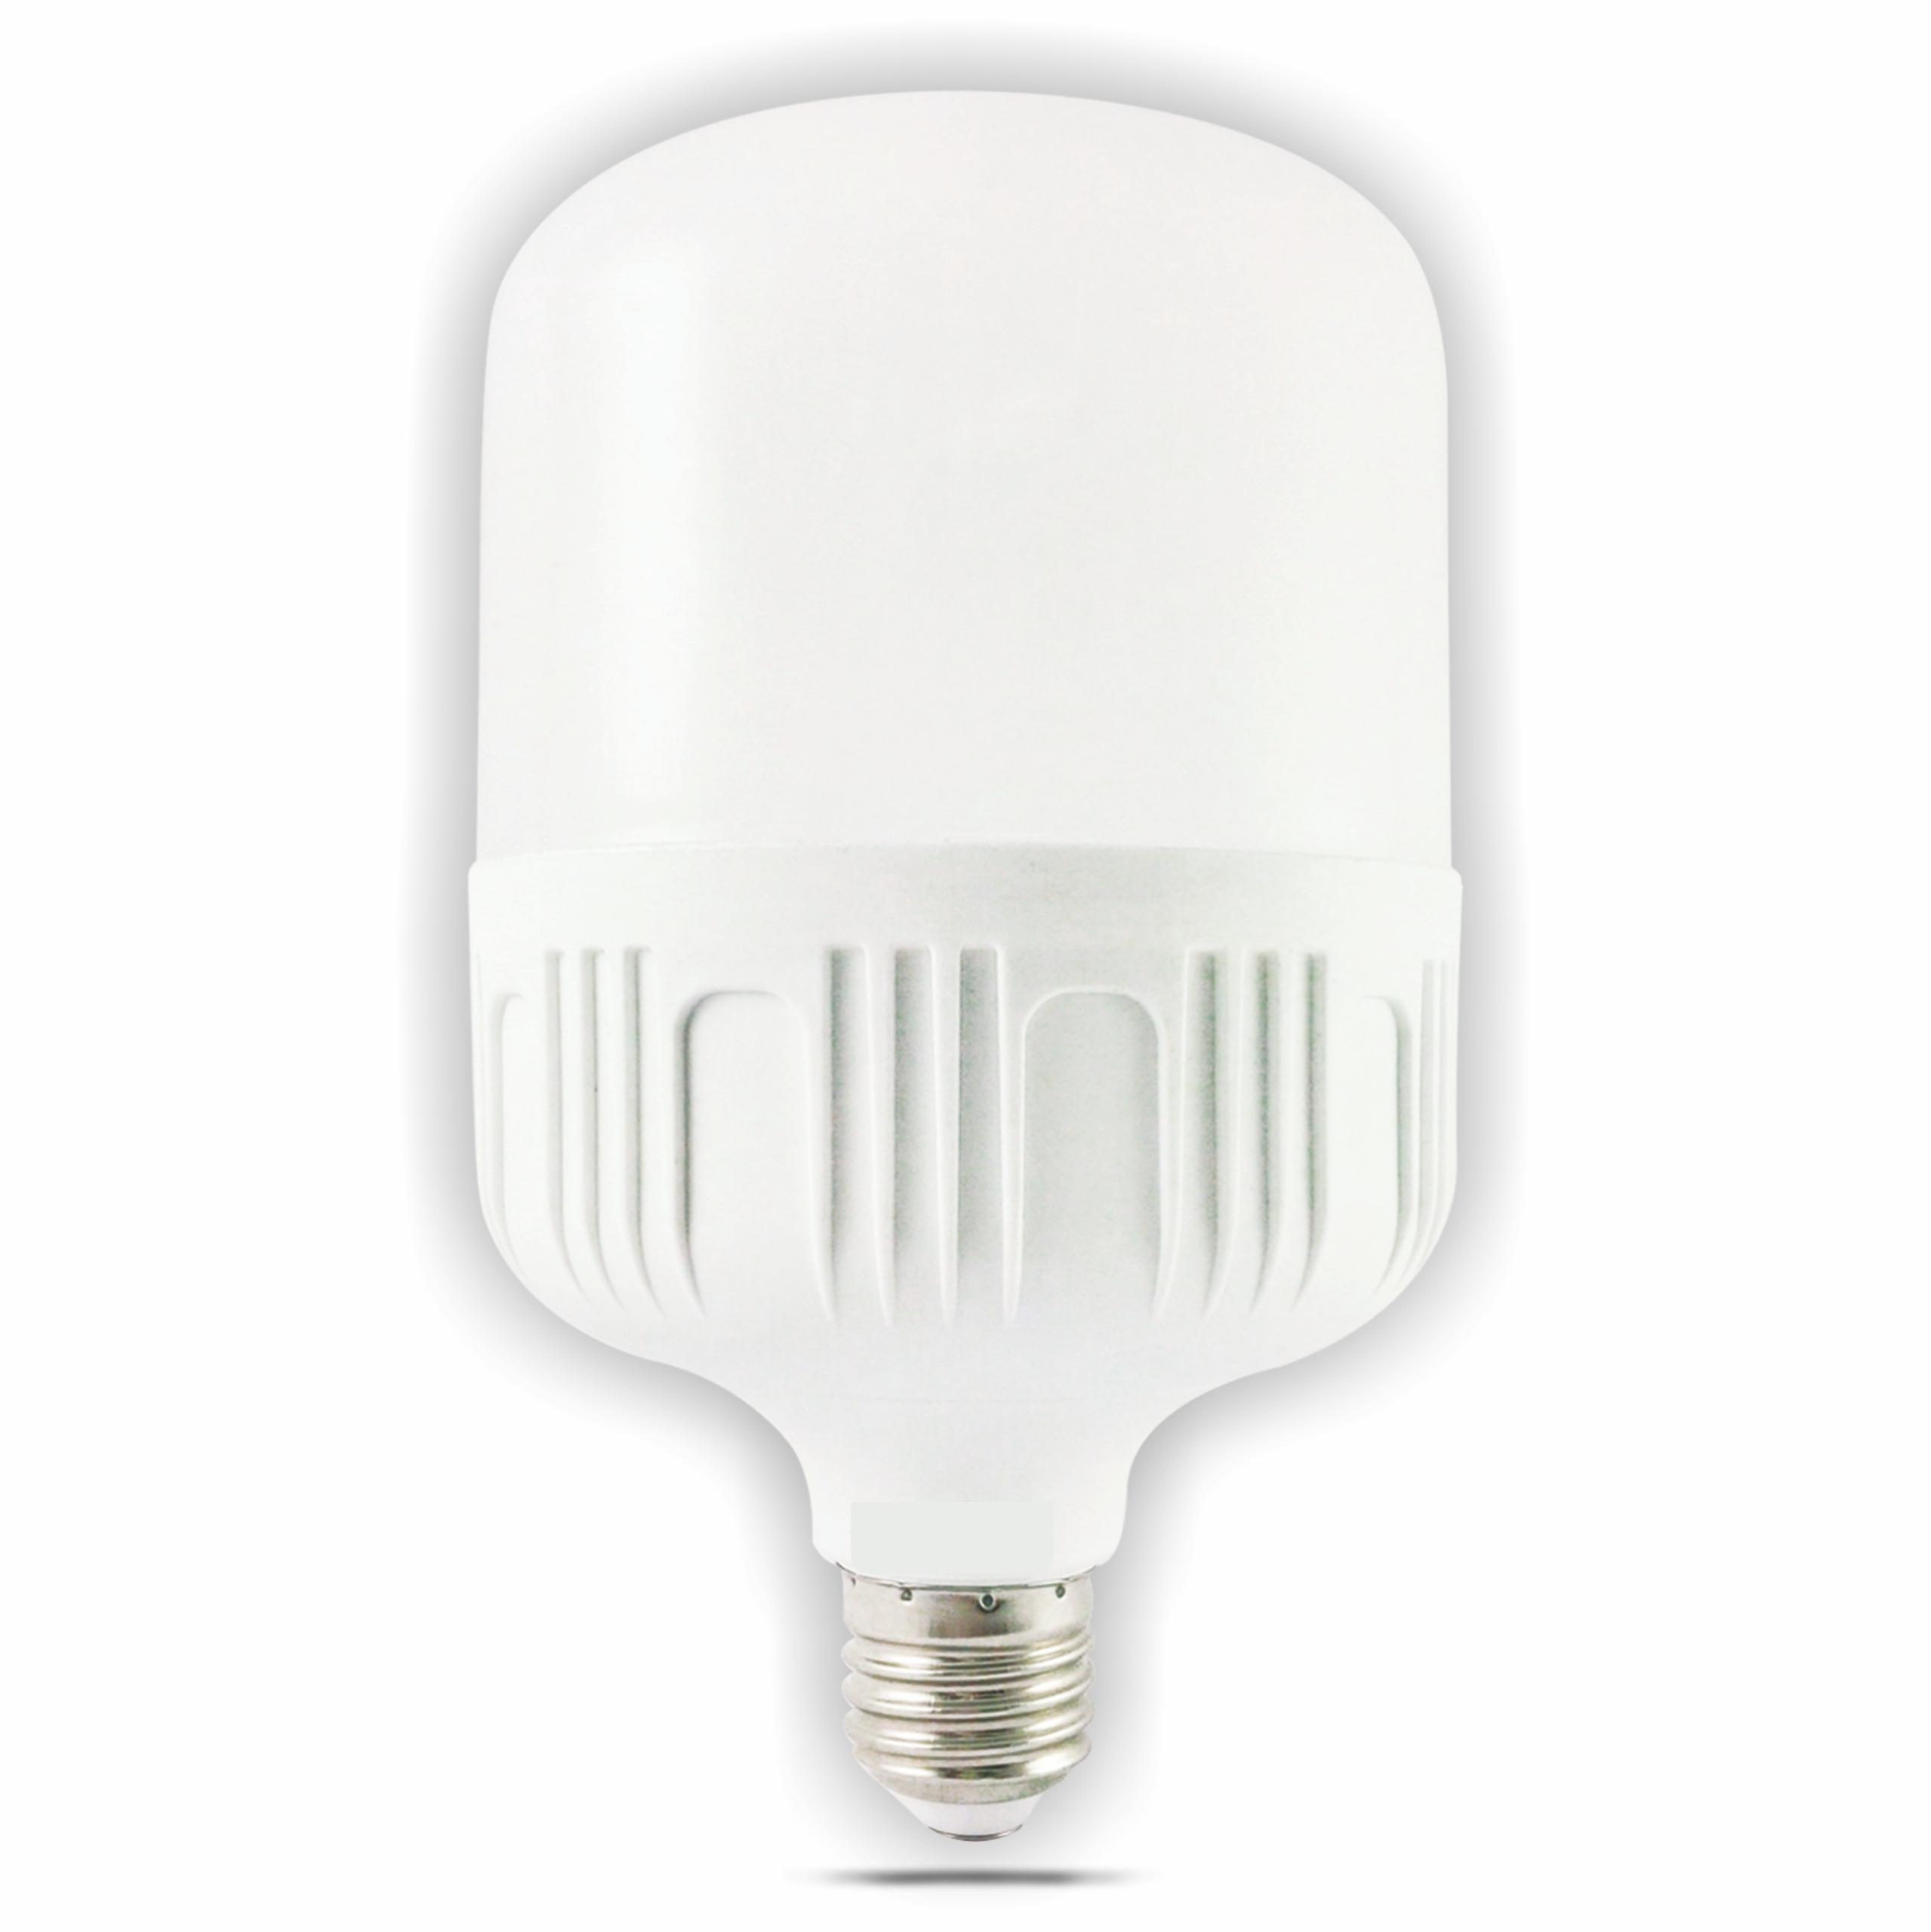 Bóng đèn led bulb trụ kín nước BK30W